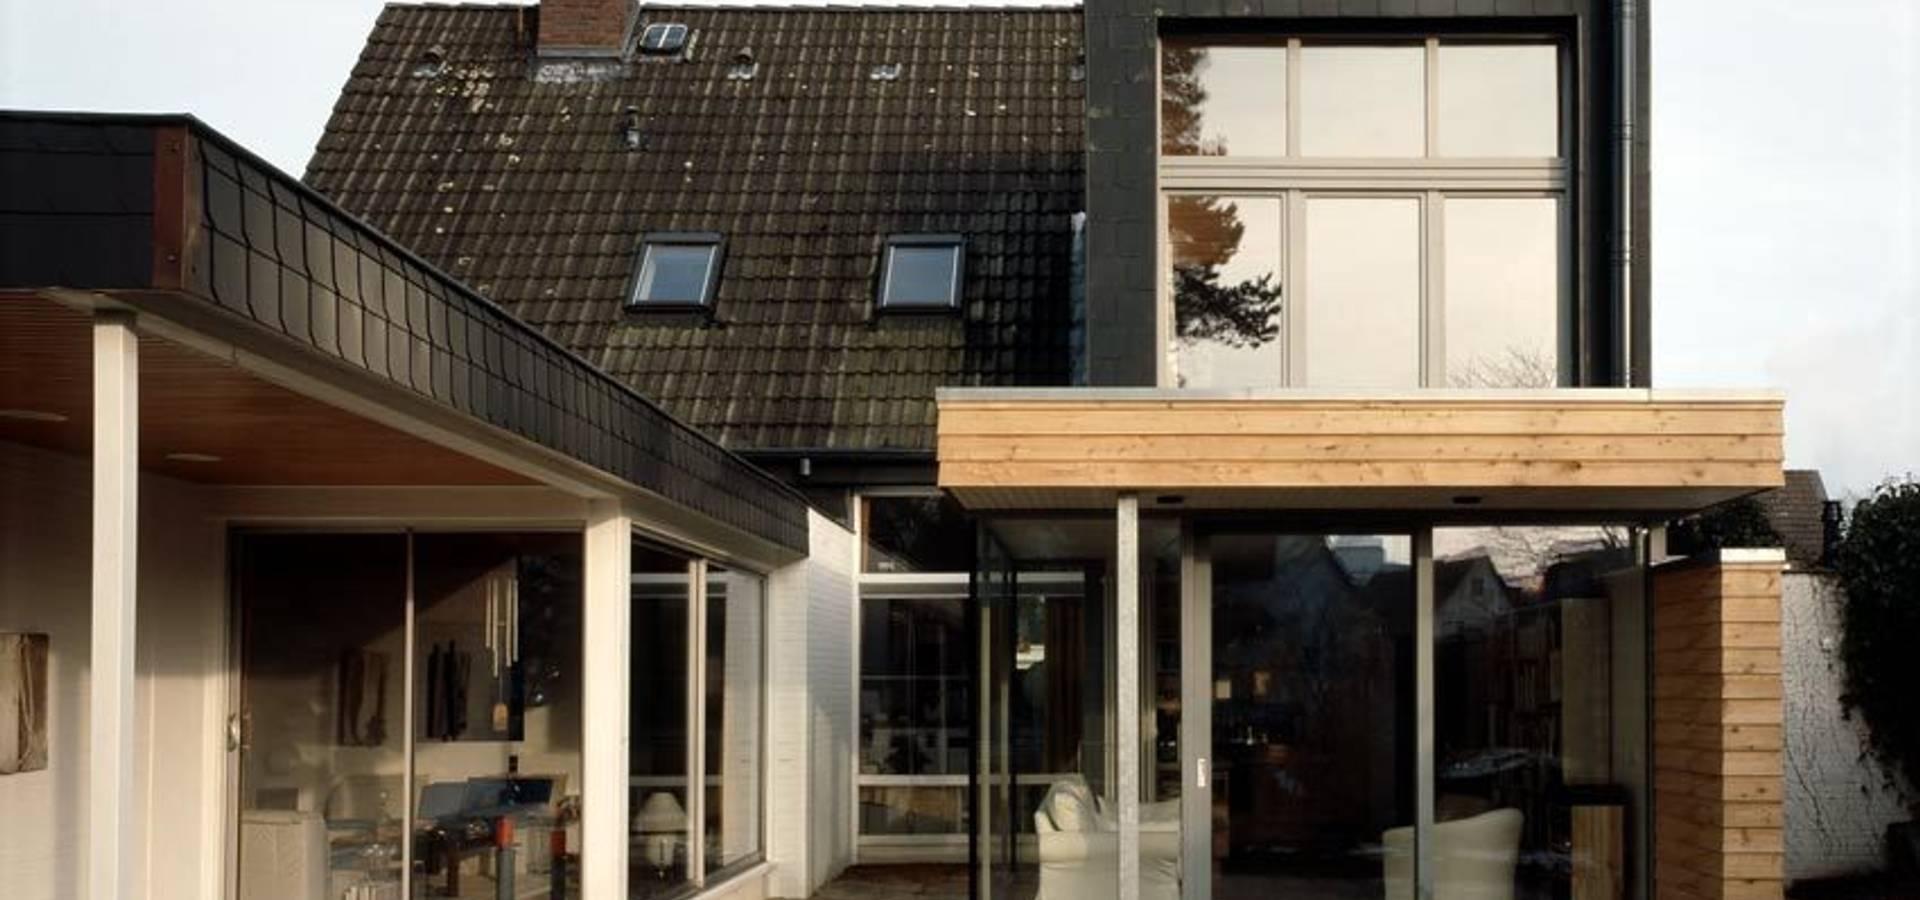 karsten bergmann architekt